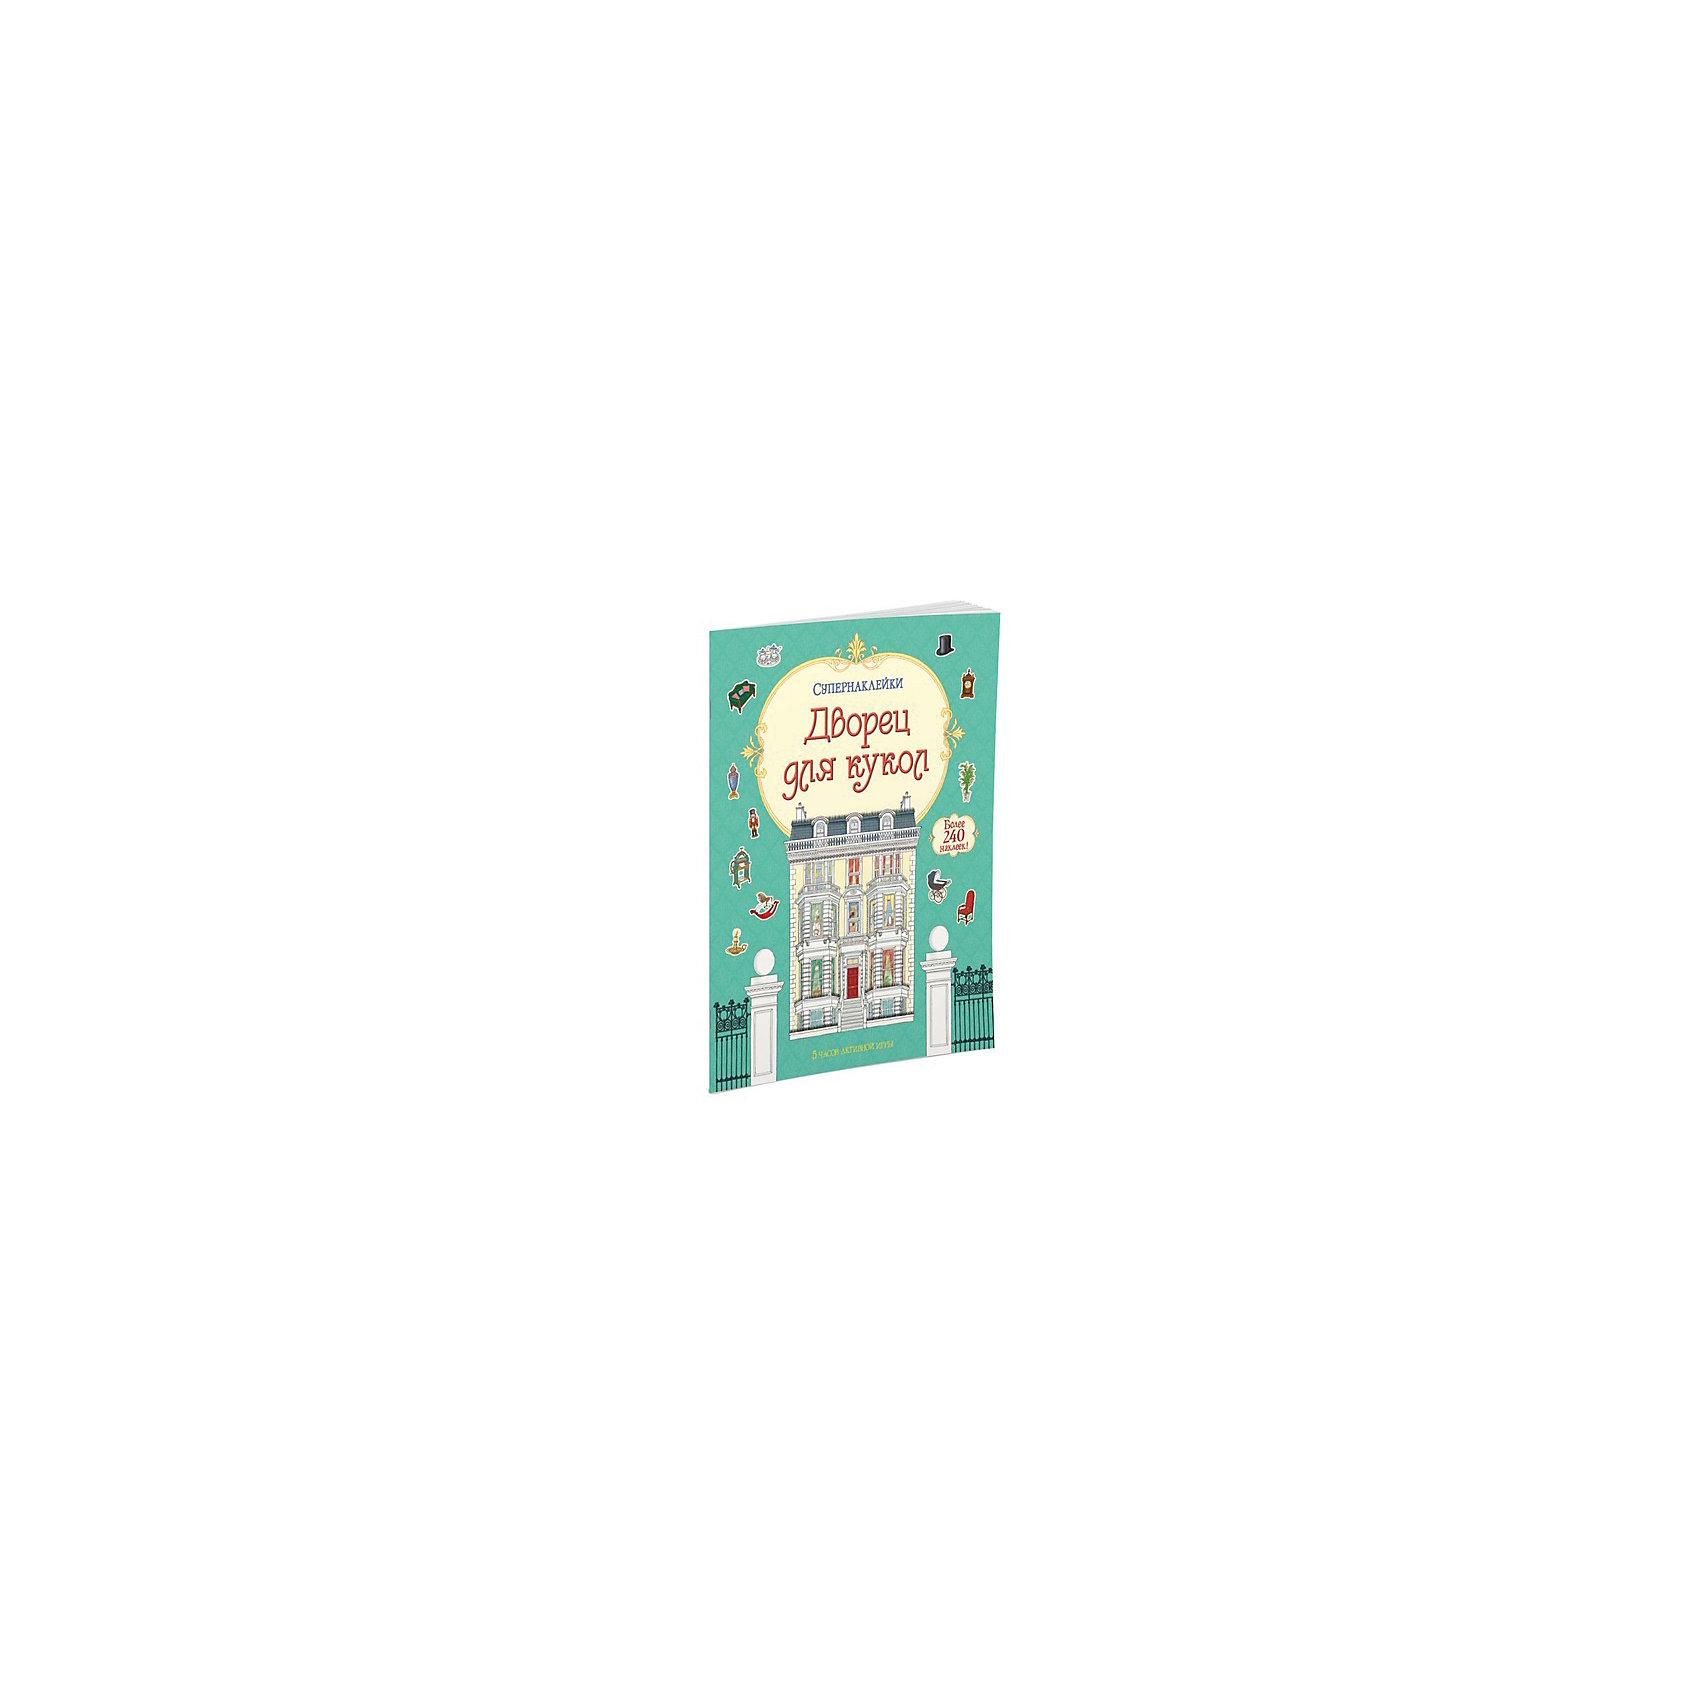 Наклейки Дворец для кукол, MACHAONКниги для развития творческих навыков<br>Книжка с наклейками Дворец для кукол.<br><br>Характеристики:<br><br>• Для детей в возрасте: от 12 месяцев до 3 лет<br>• Переводчик: В. Сенникова<br>• Иллюстратор: Э. Карлетти<br>• Издательство: Махаон, 2015 год<br>• Серия: Супернаклейки<br>• Тип обложки: мягкий переплет (крепление скрепкой или клеем)<br>• Оформление: с наклейками (более 240 наклеек)<br>• Иллюстрации: цветные<br>• Количество страниц: 24 (мелованная)<br>• Размер: 305x240x2 мм.<br>• Вес: 300 гр.<br>• ISBN: 9785389095830<br><br>Побывай в роскошном дворце! Сделай его не только красивым, но и уютным. С помощью ярких наклеек обставь комнаты мебелью и изящными безделушками, разложи одежду по шкафам и сервируй стол для хозяев дома и их гостей. Читаем и играем! Развиваем внимание, воображение, мелкую моторику и художественный вкус.<br><br>Книжку с наклейками Дворец для кукол можно купить в нашем интернет-магазине.<br><br>Ширина мм: 305<br>Глубина мм: 240<br>Высота мм: 20<br>Вес г: 300<br>Возраст от месяцев: 12<br>Возраст до месяцев: 36<br>Пол: Женский<br>Возраст: Детский<br>SKU: 5493458